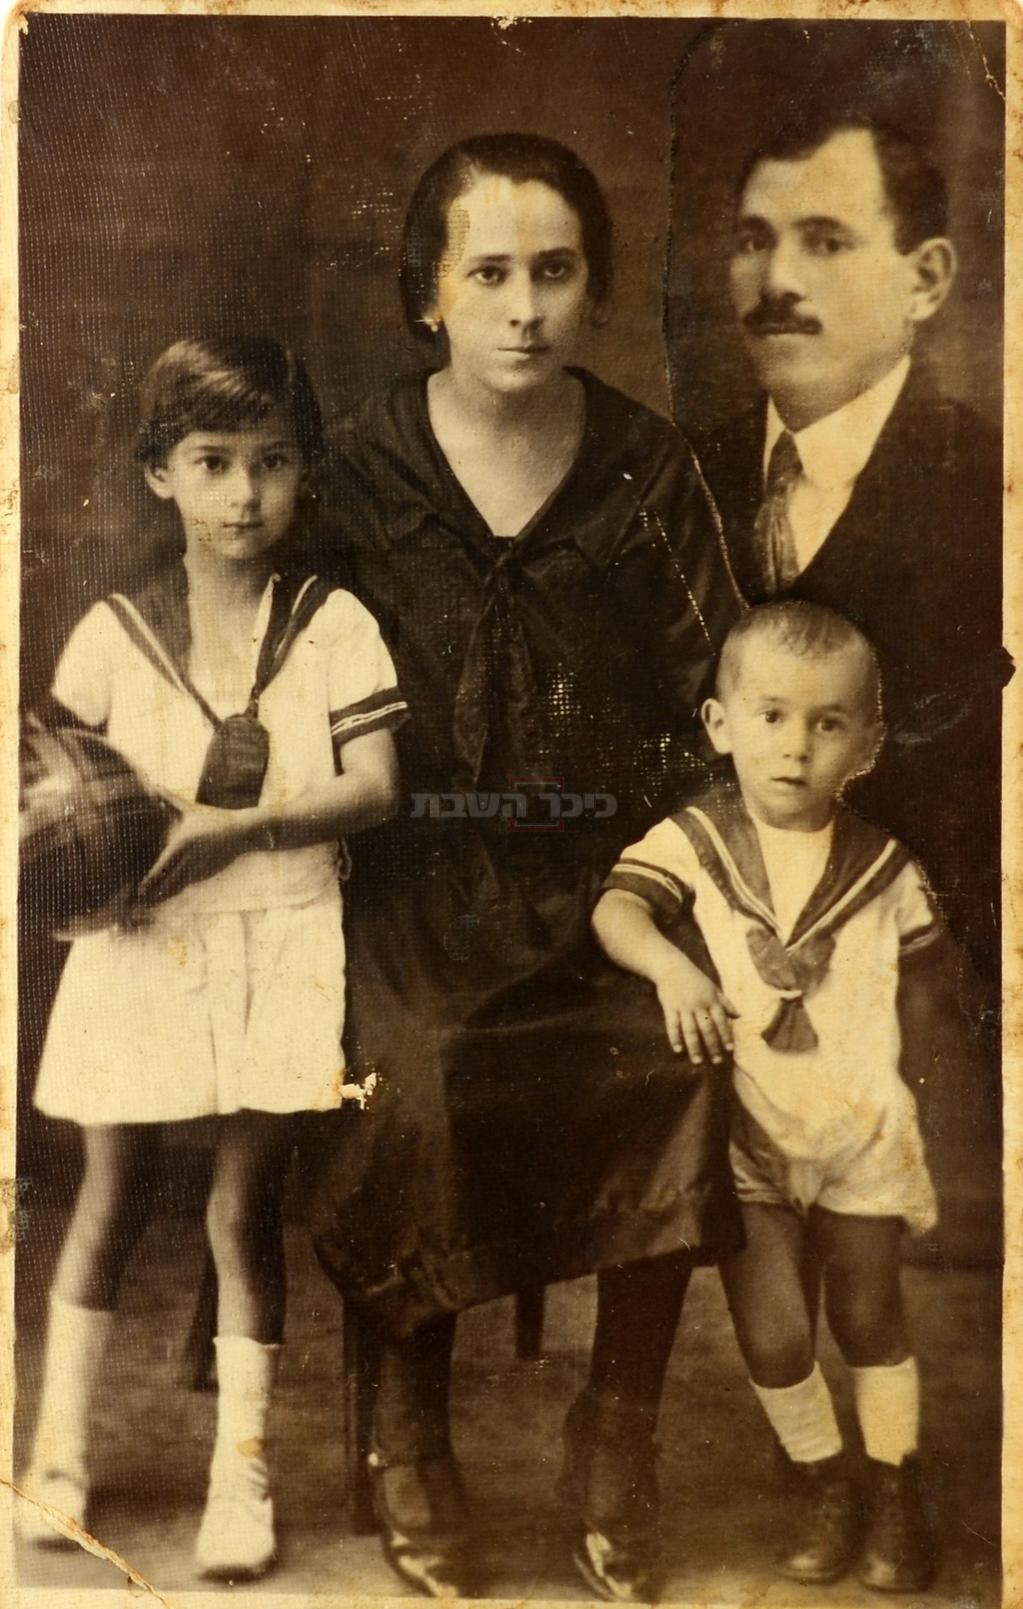 משפחת קליין (באדיבות ארכיון בית לוחמי הגטאות)